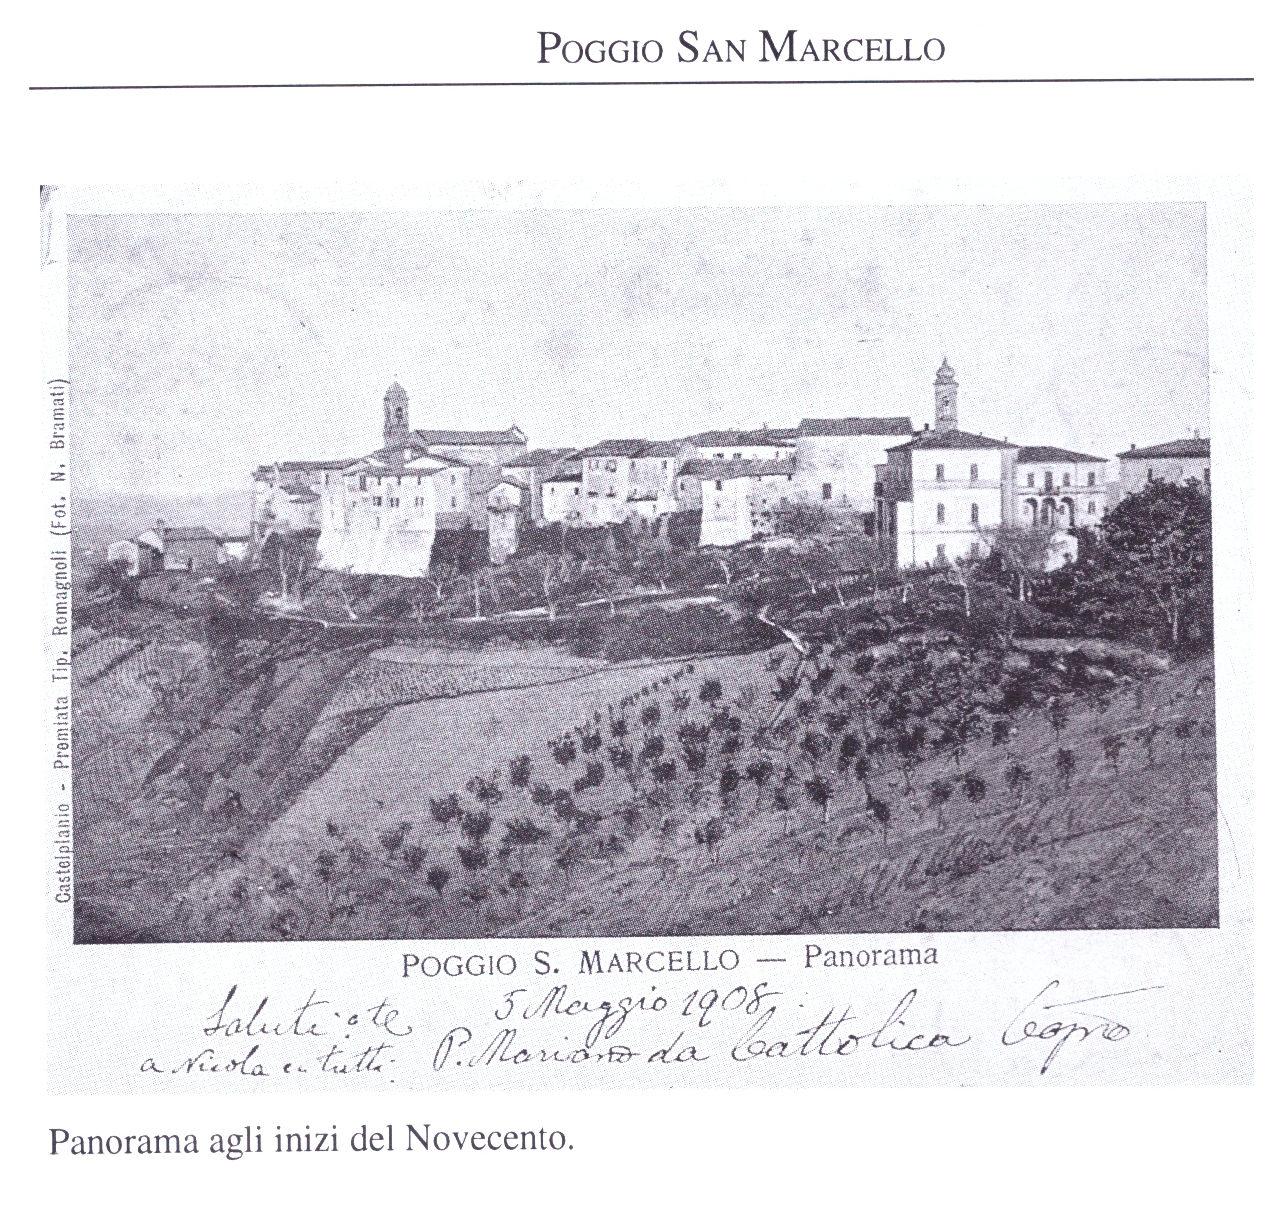 """Concert and the culture week """"Insieme d'arte per Sette giorni"""" in Poggio San Marcello"""